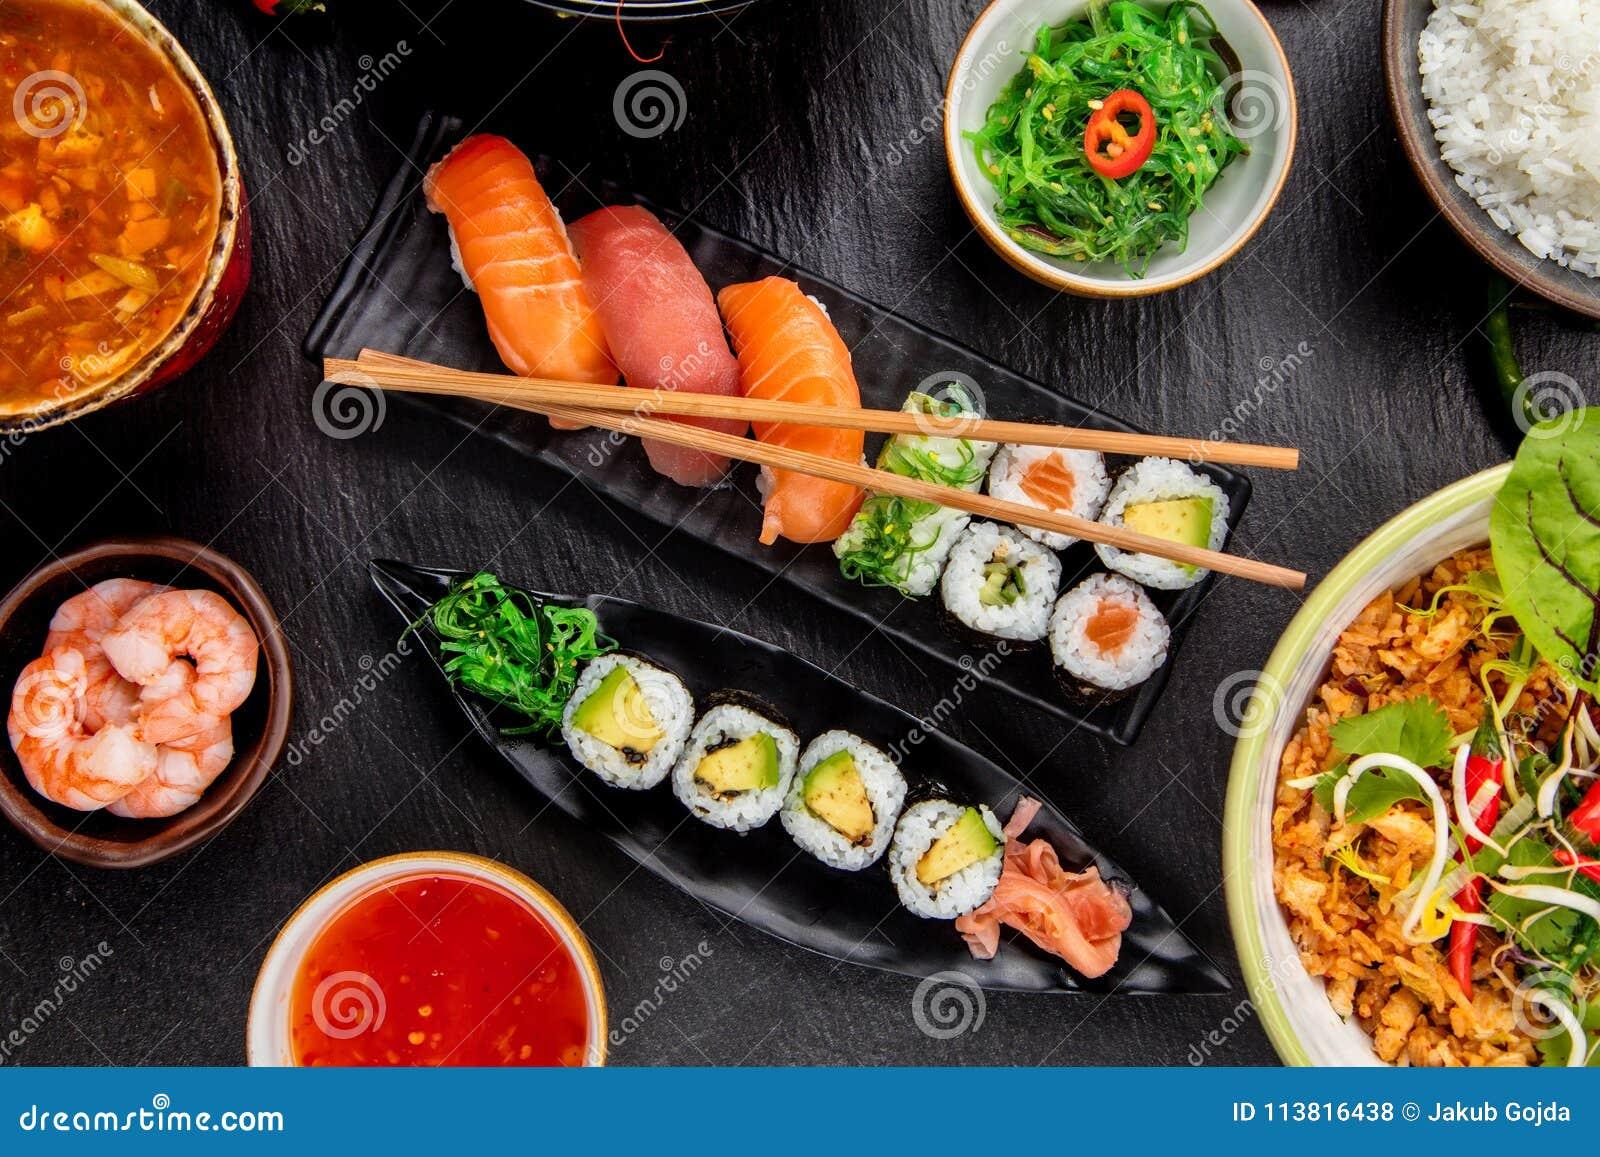 Variation asiatique de sushi par rapport à beaucoup de genres de repas